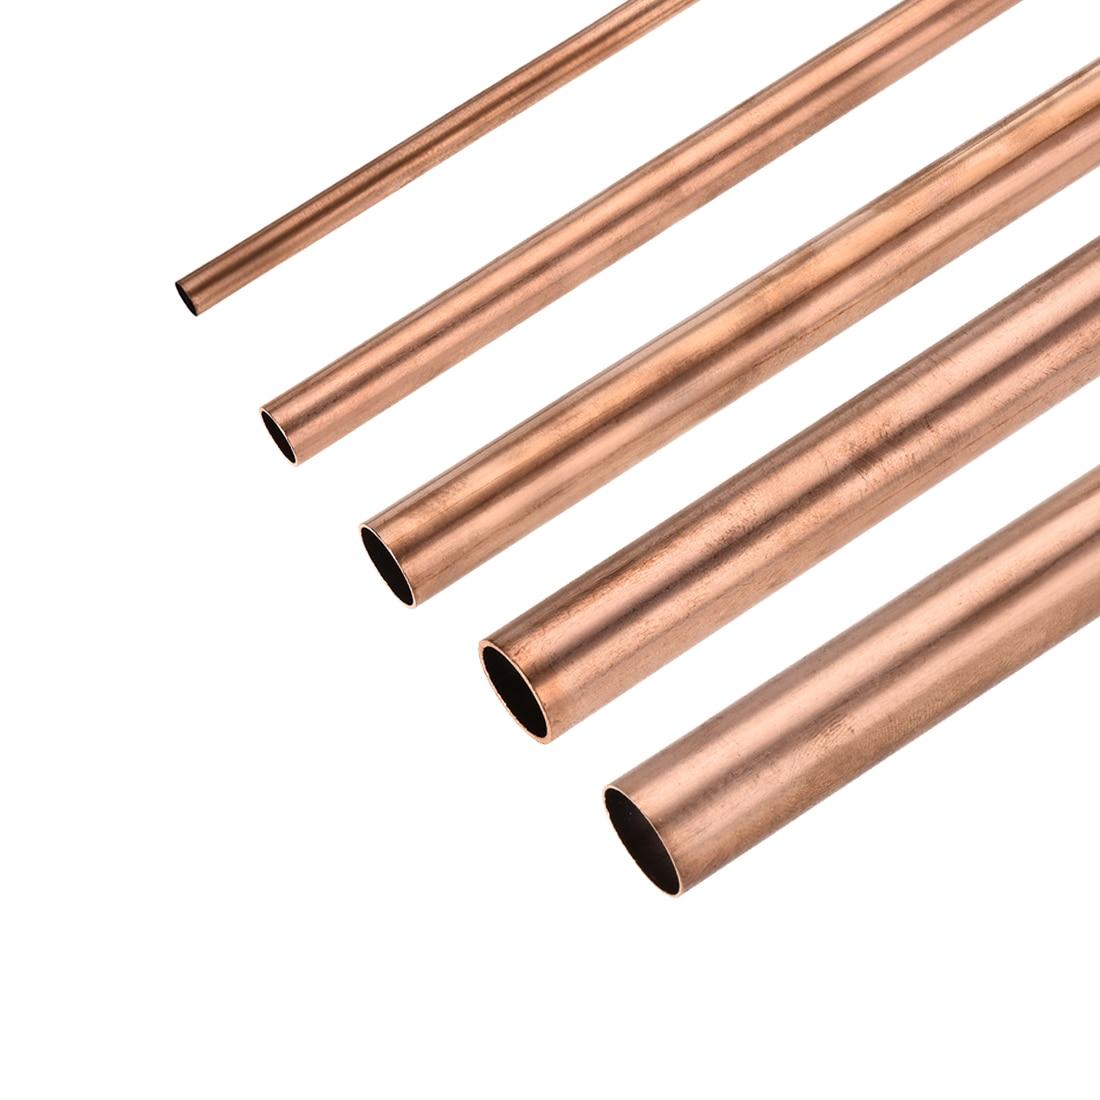 Uxcell 1 шт. медная круглая трубка 8 мм-30 мм OD 100 мм/200 мм/300 мм Длина полые прямые трубы трубки для DIY ремесел промышленного